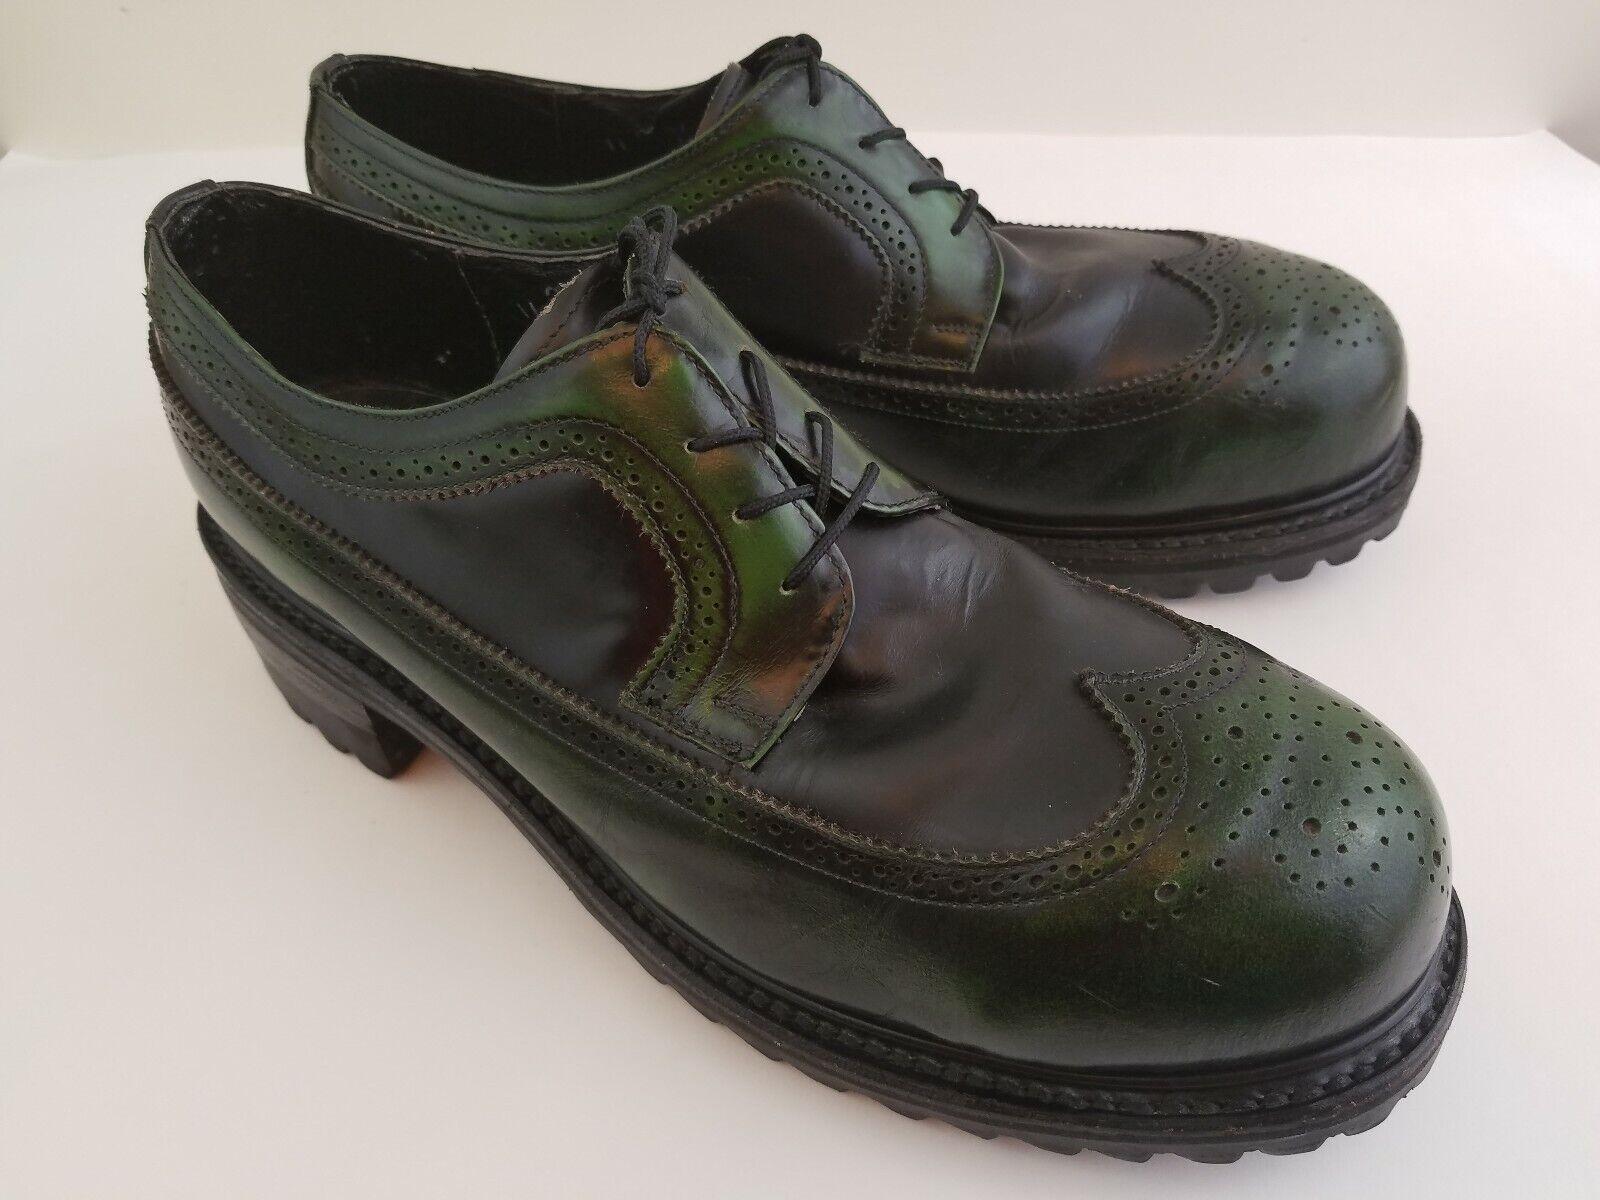 Zapatos de Cuero Vintage muro Welt verde Hombres 11 años 90 Rave Punk Goth